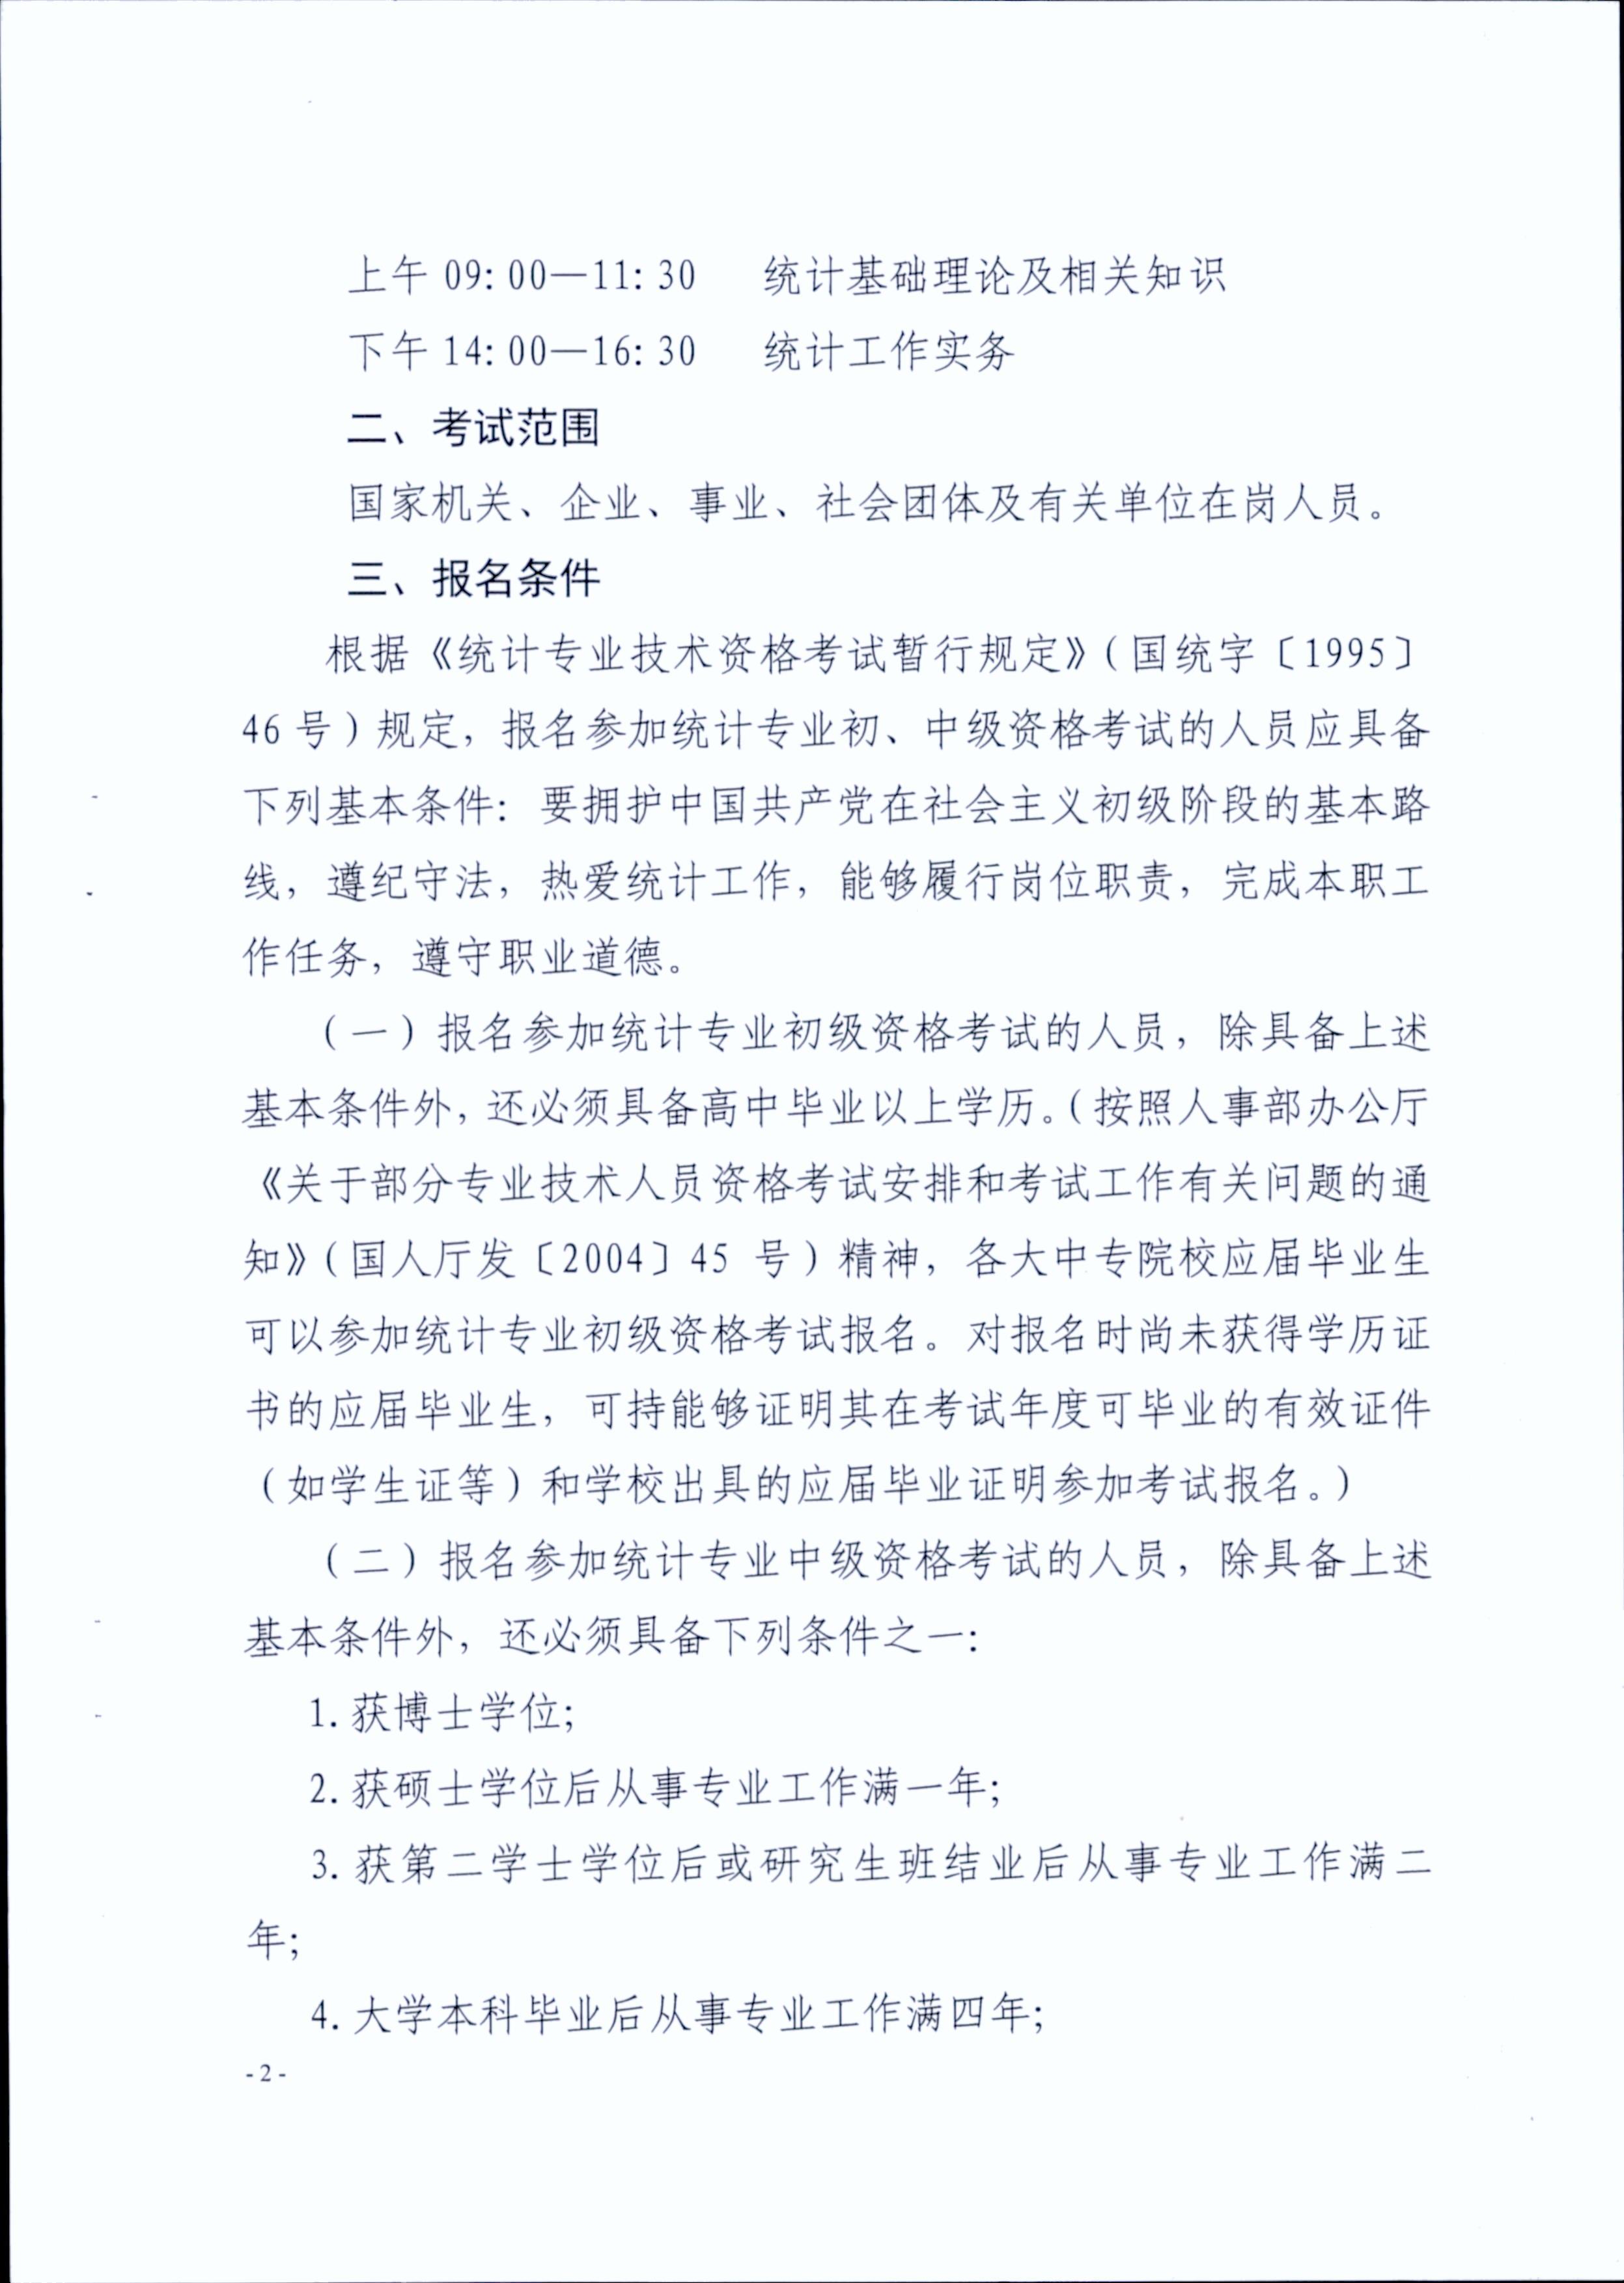 市人社函【2019】382号(职称考试)00002.jpg